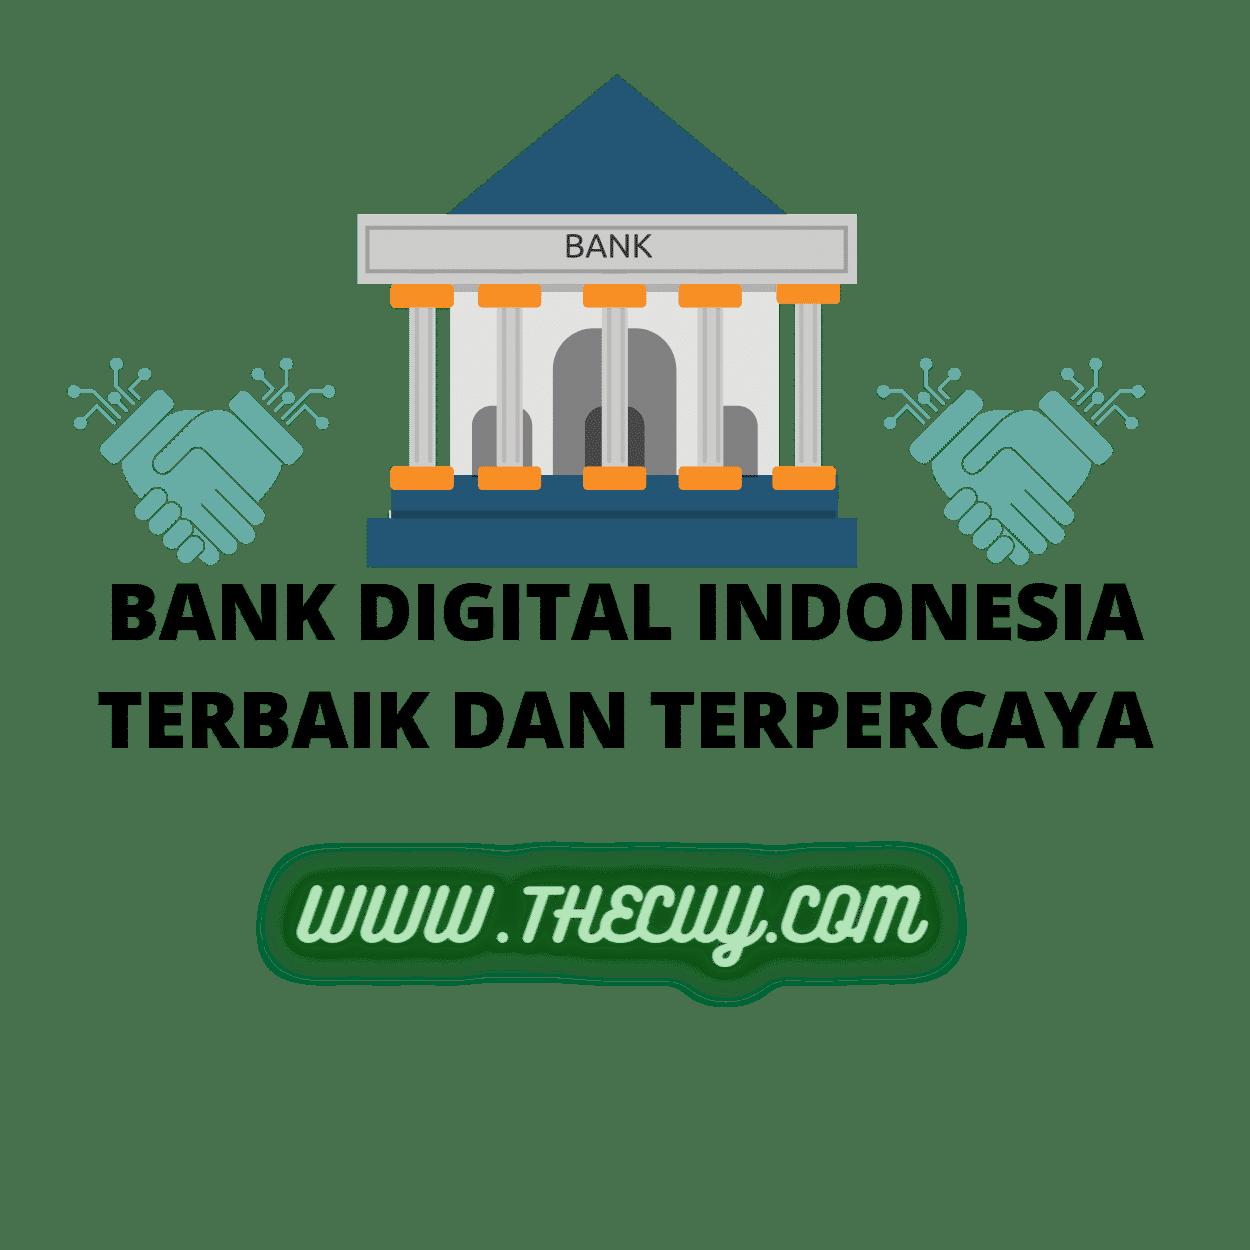 BANK DIGITAL INDONESIA TERBAIK DAN TERPERCAYA